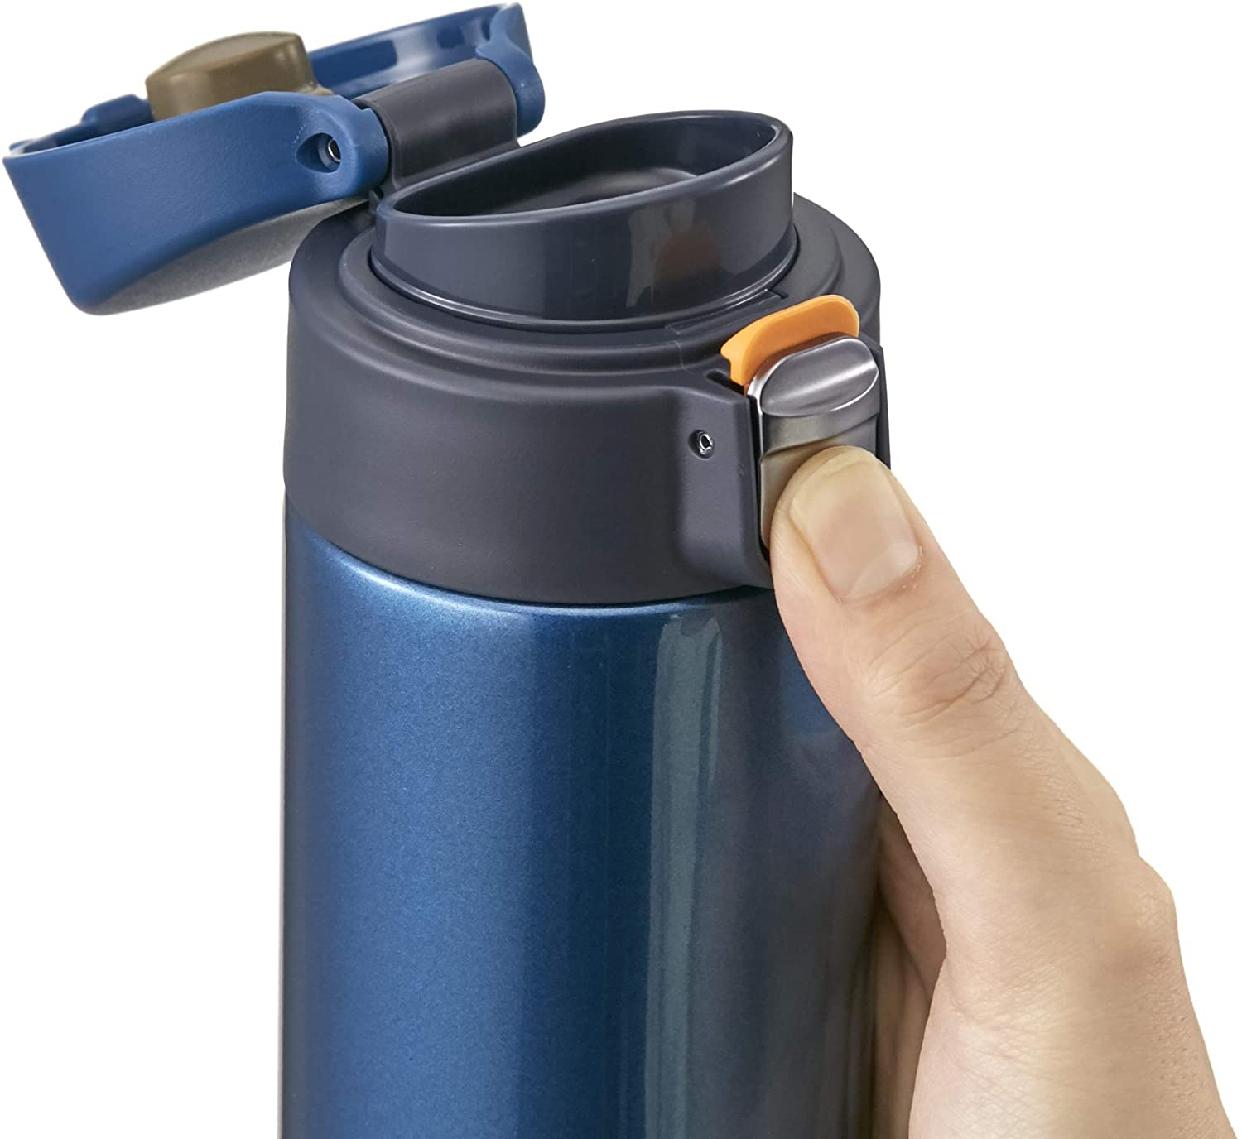 サハラ ステンレスミニボトル 0.48L MMJ-A481-AM マリンブルーの商品画像4